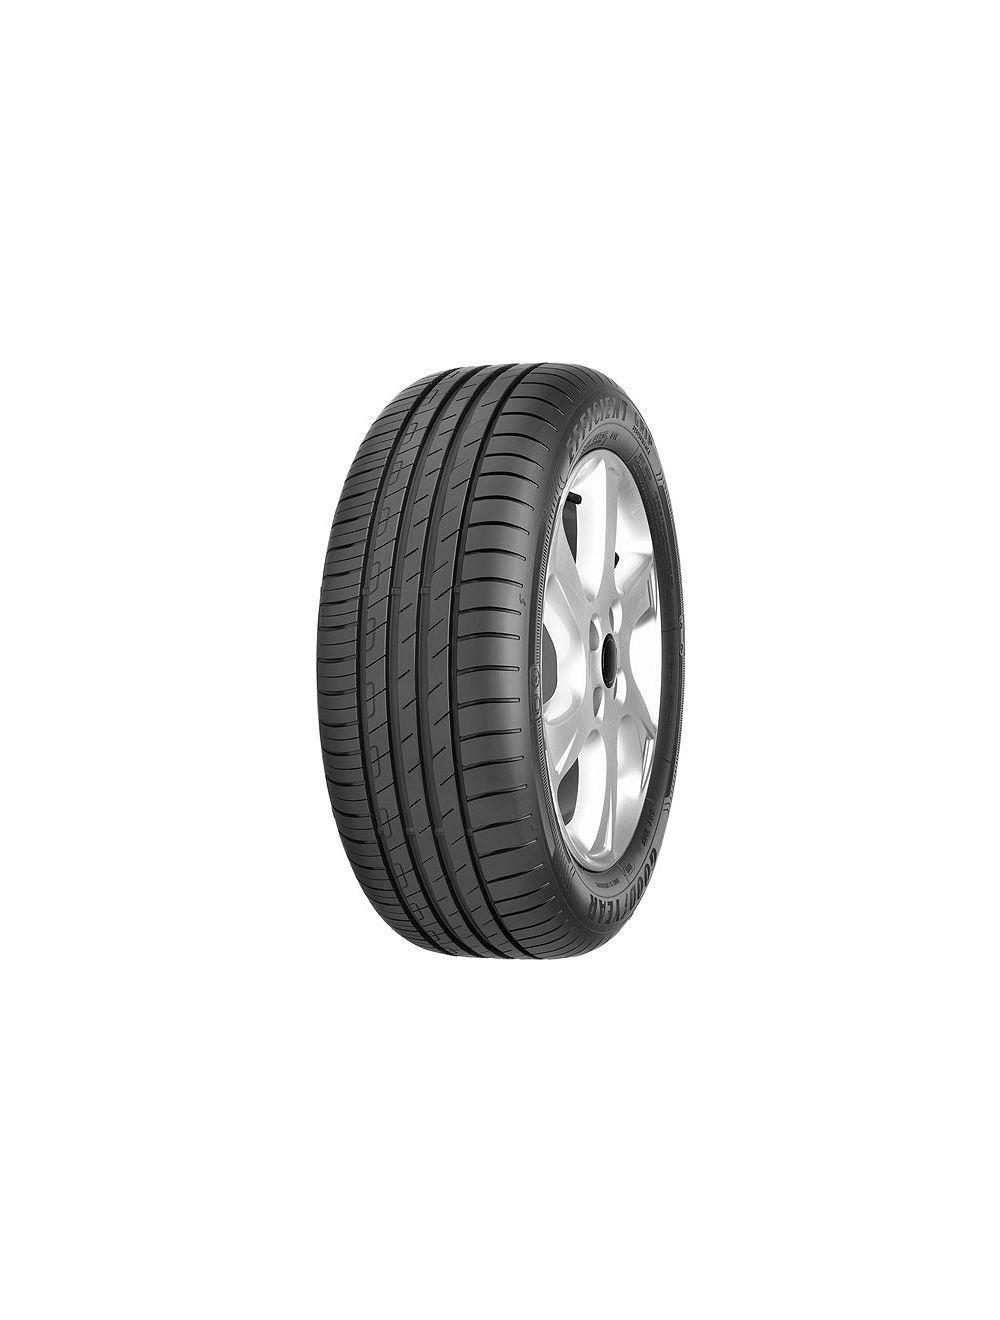 Goodyear 225/45R17 W Efficientgrip Perform XL FP Nyári gumi